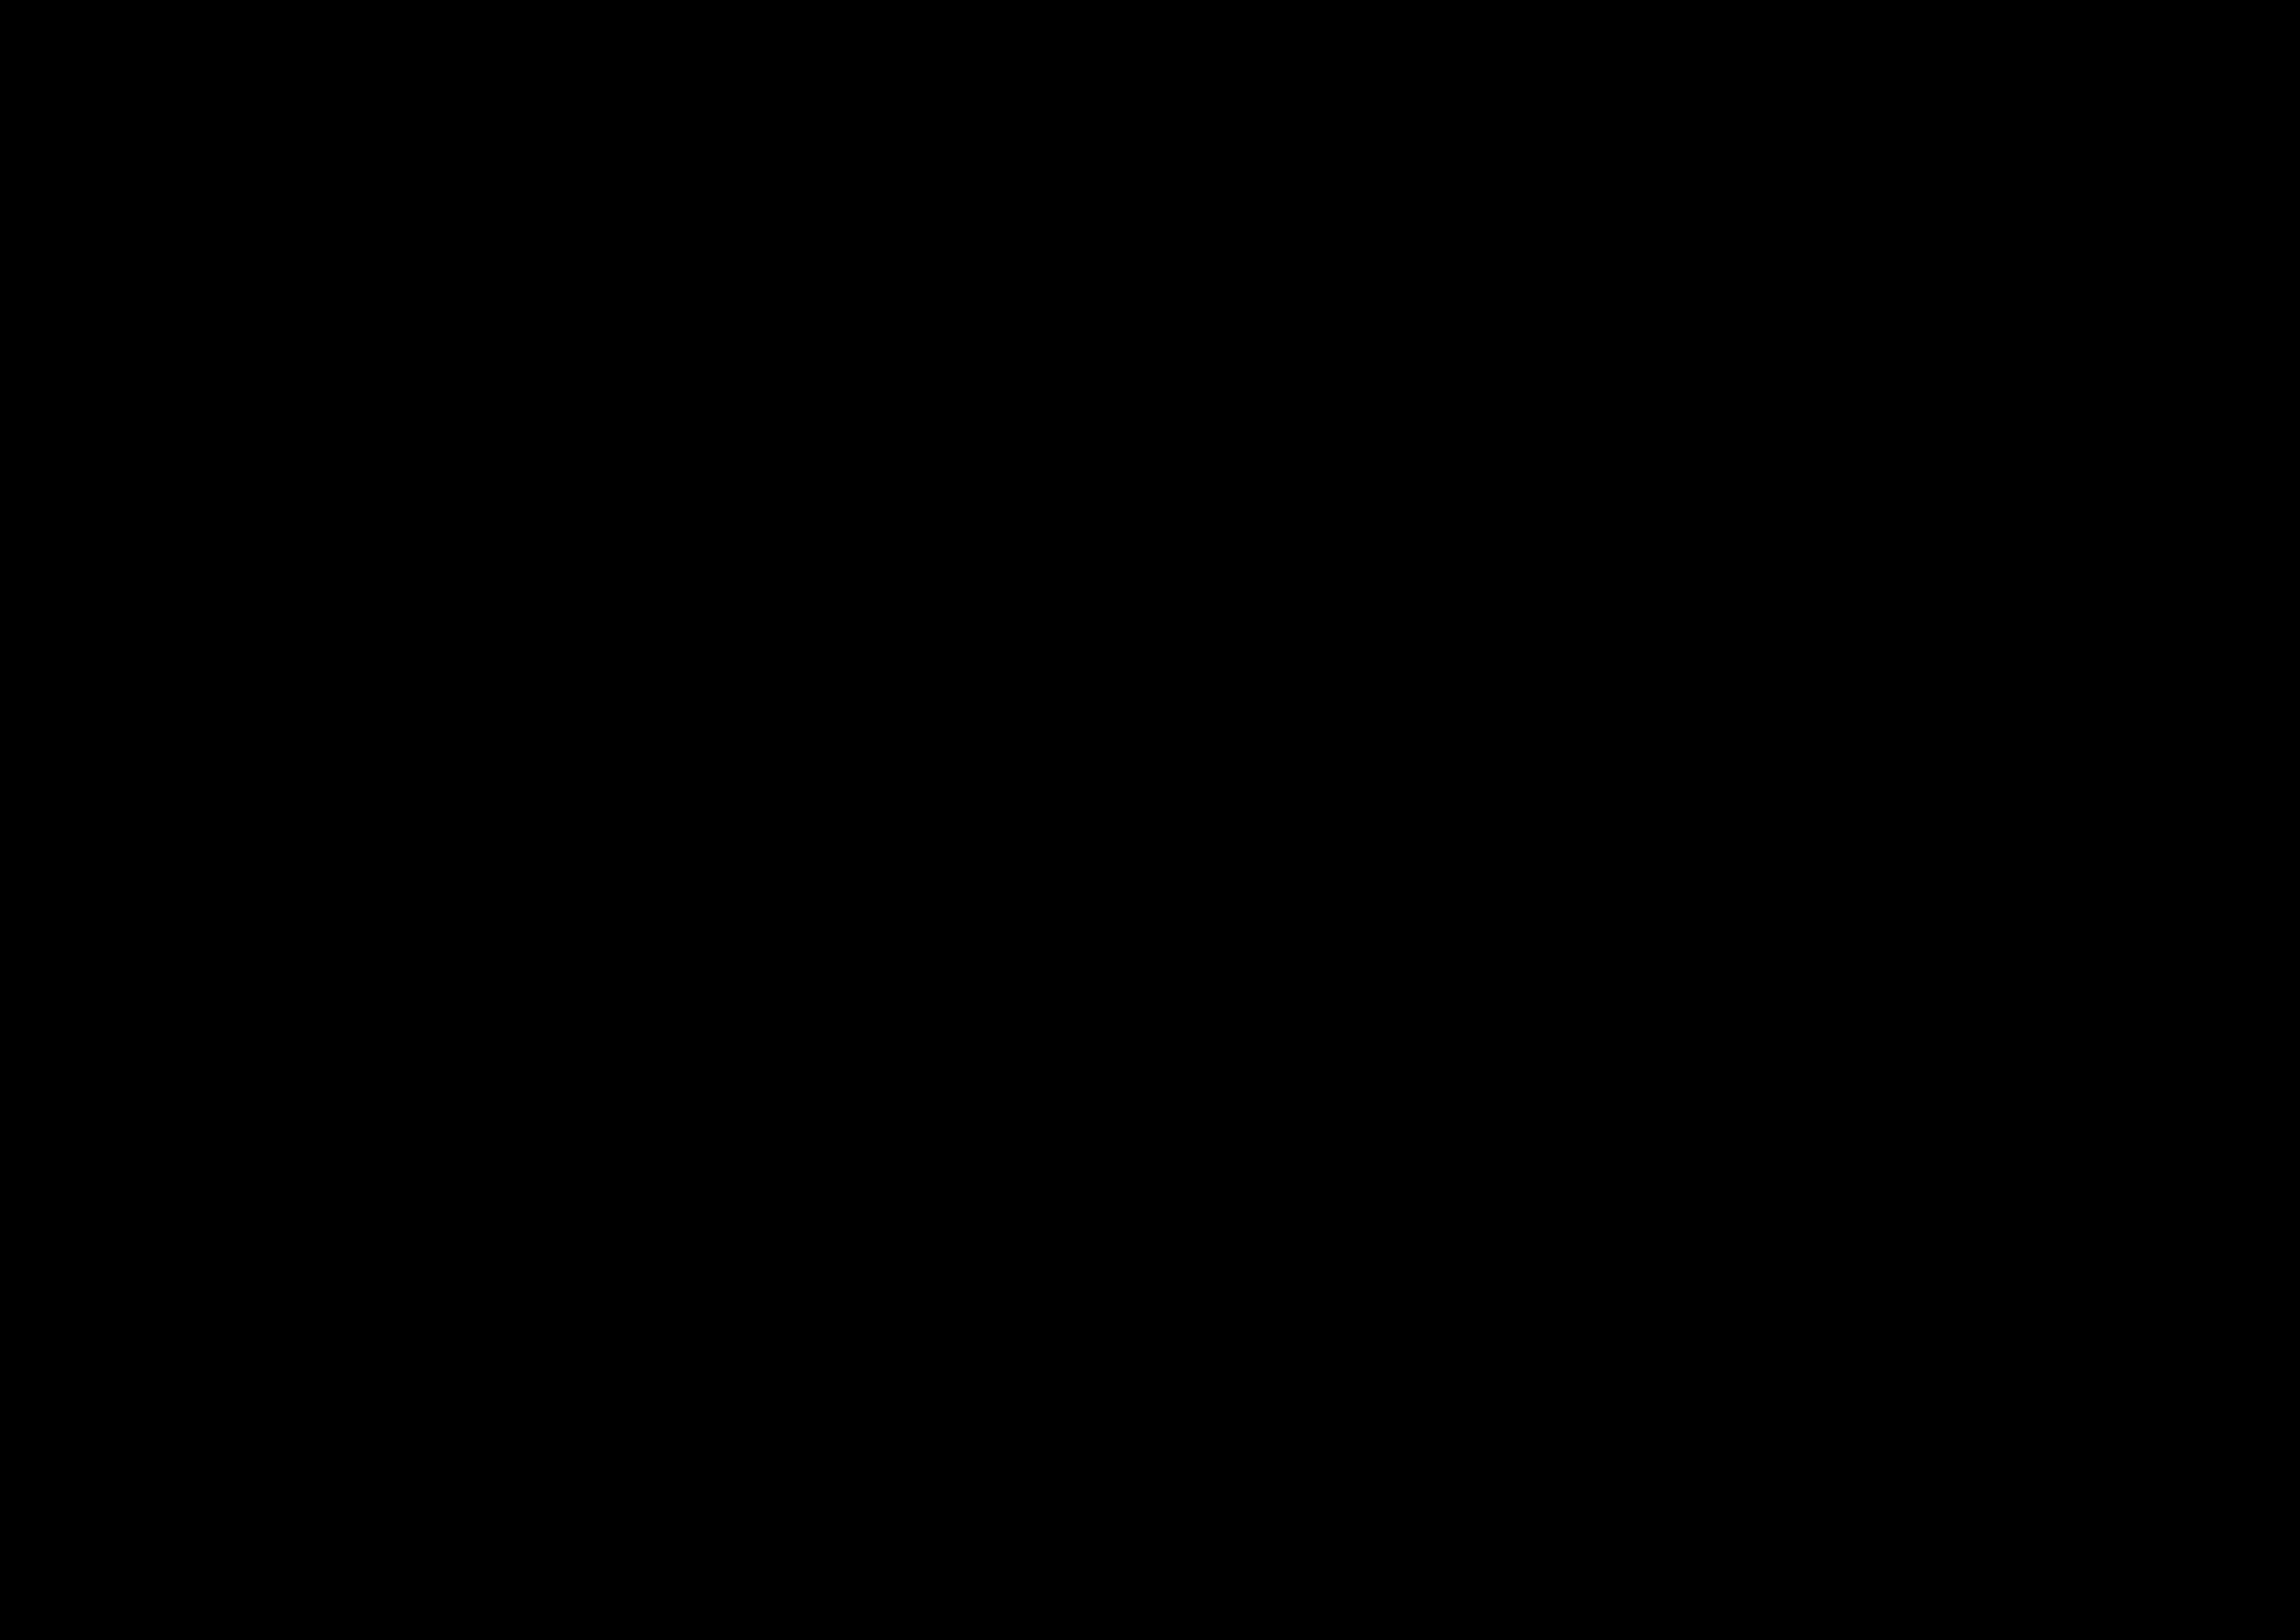 Zahlenstrahl Vervollstandigen Schrittweite Bestimmen Zahlenstrahl Ubungsblatt Mathematik